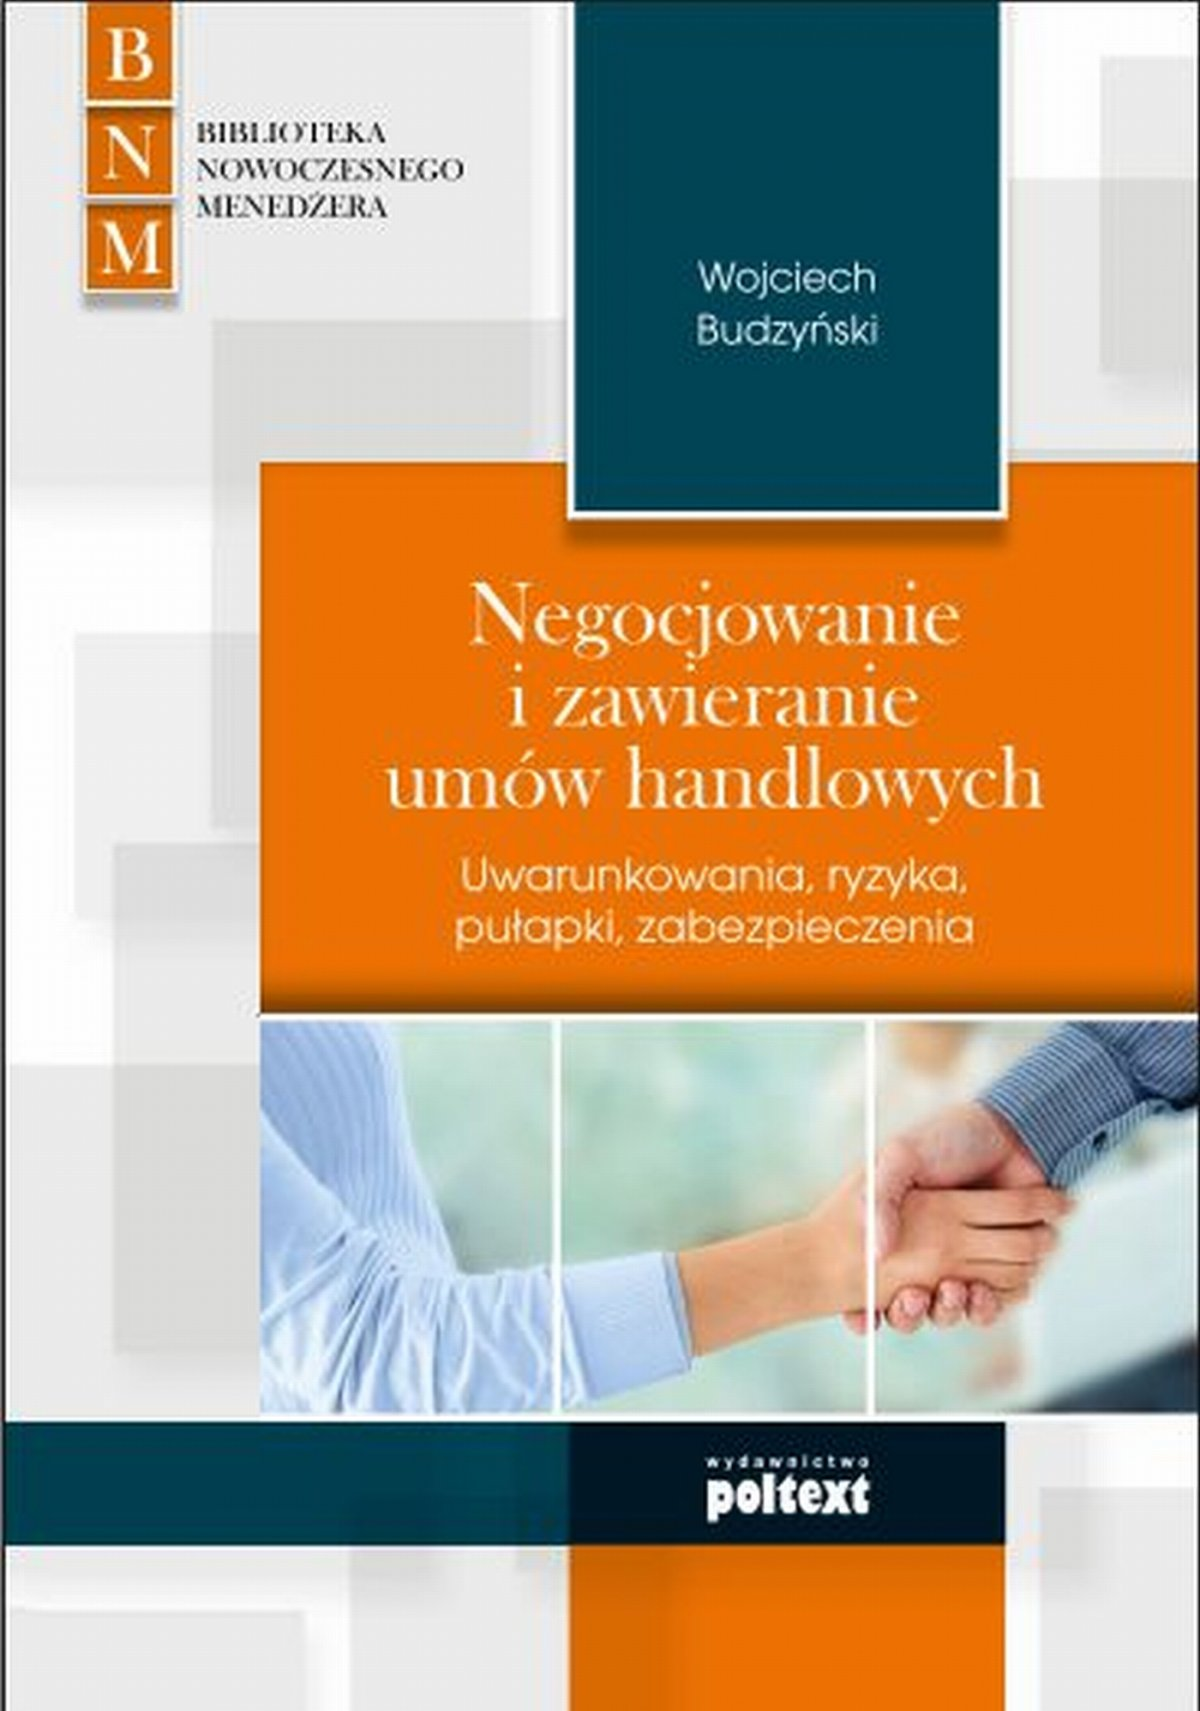 Negocjowanie i zawieranie umów handlowych - Ebook (Książka EPUB) do pobrania w formacie EPUB